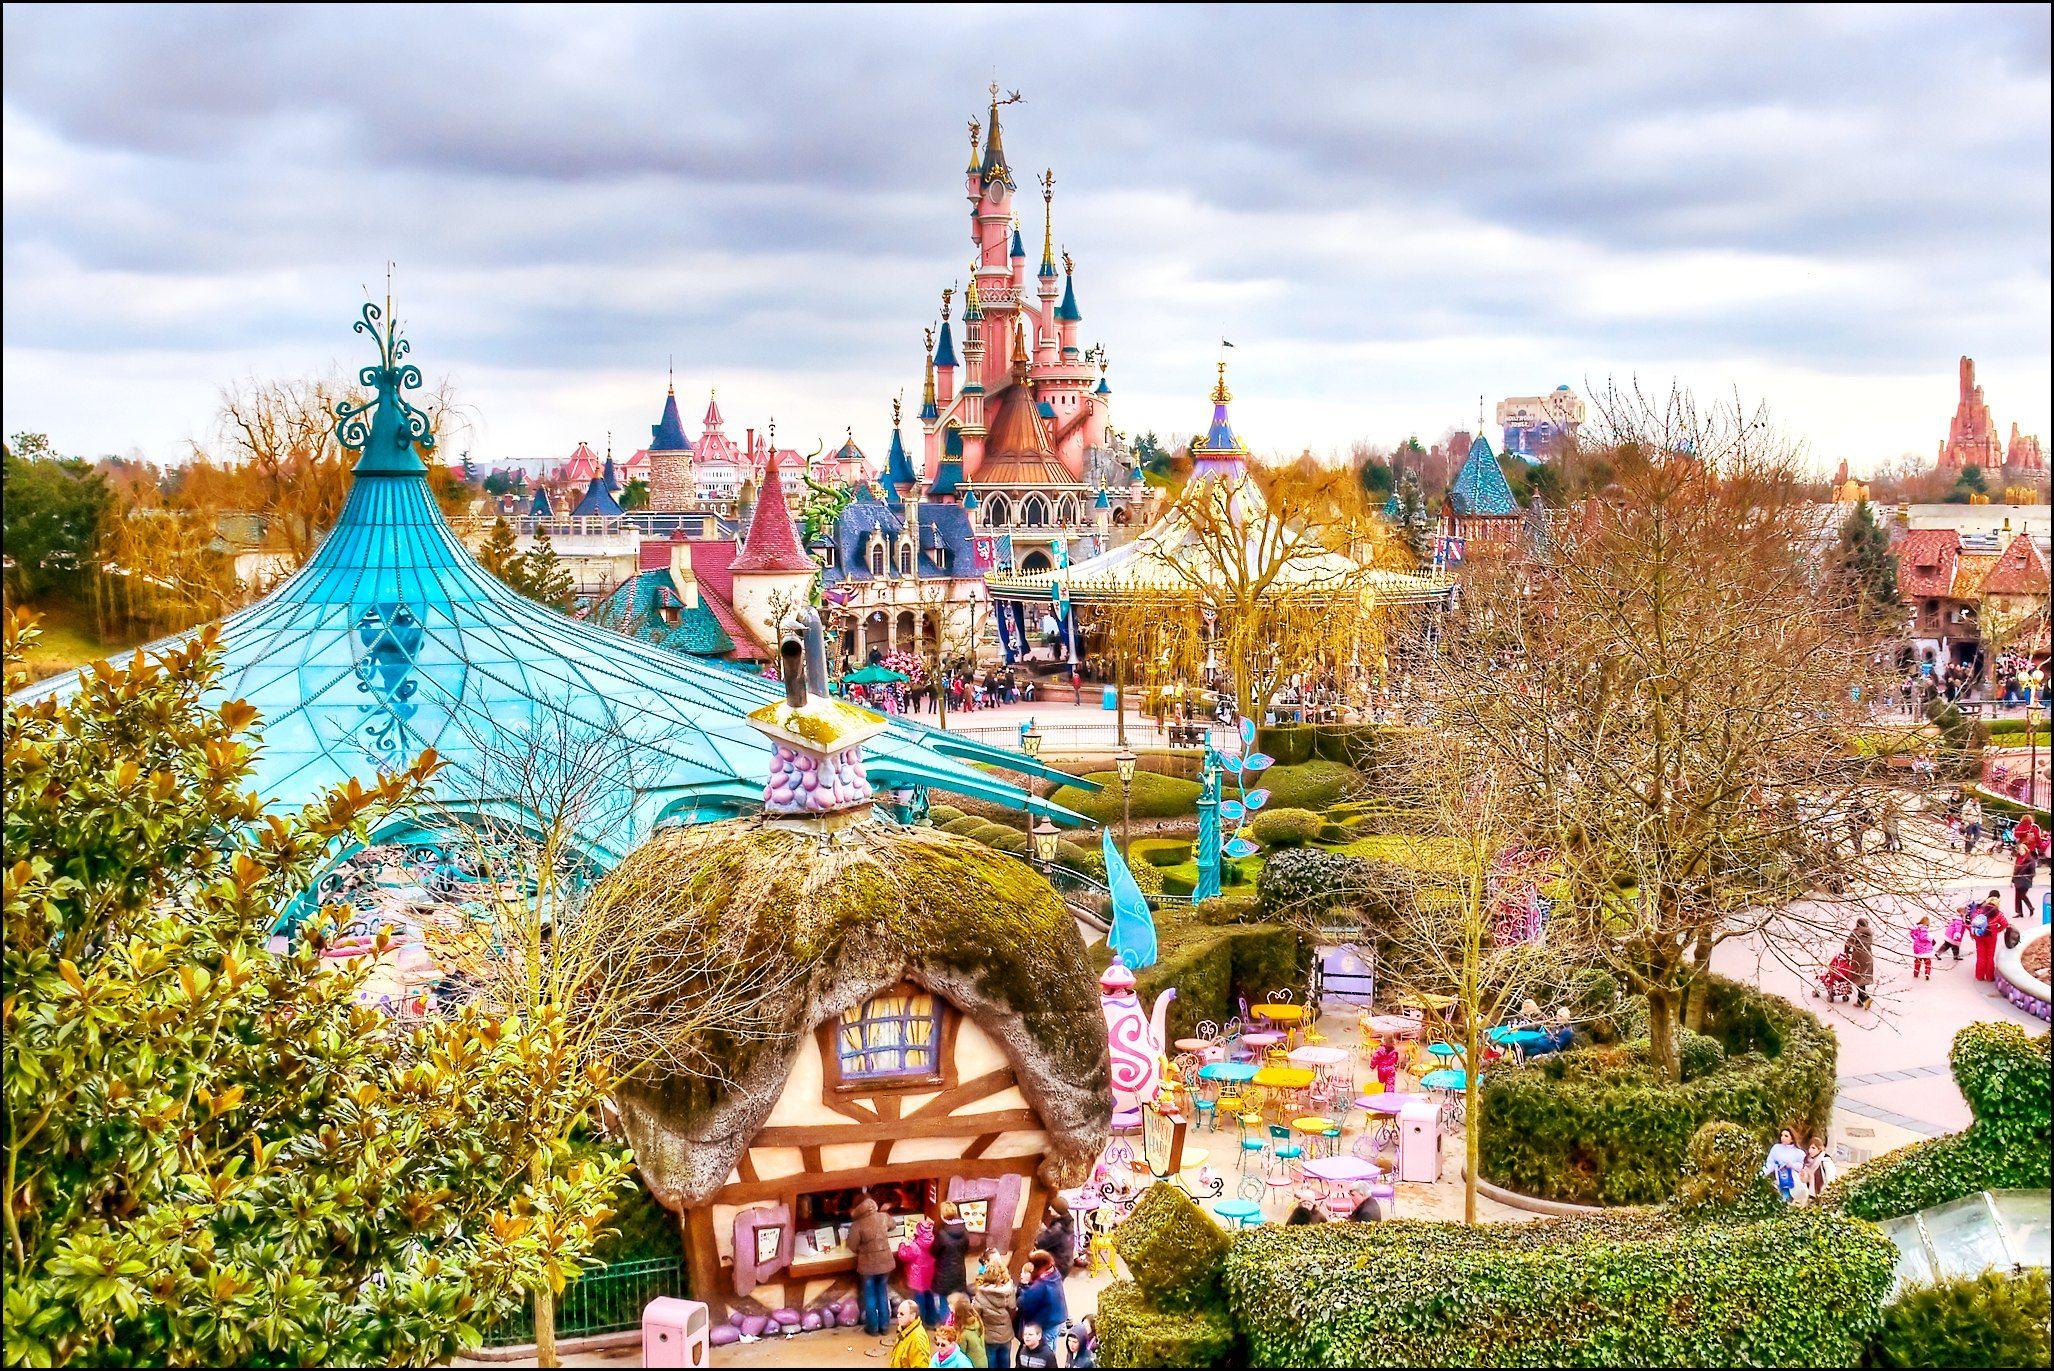 Europa tiene parques de diversiones impresionantes para ir con chicos